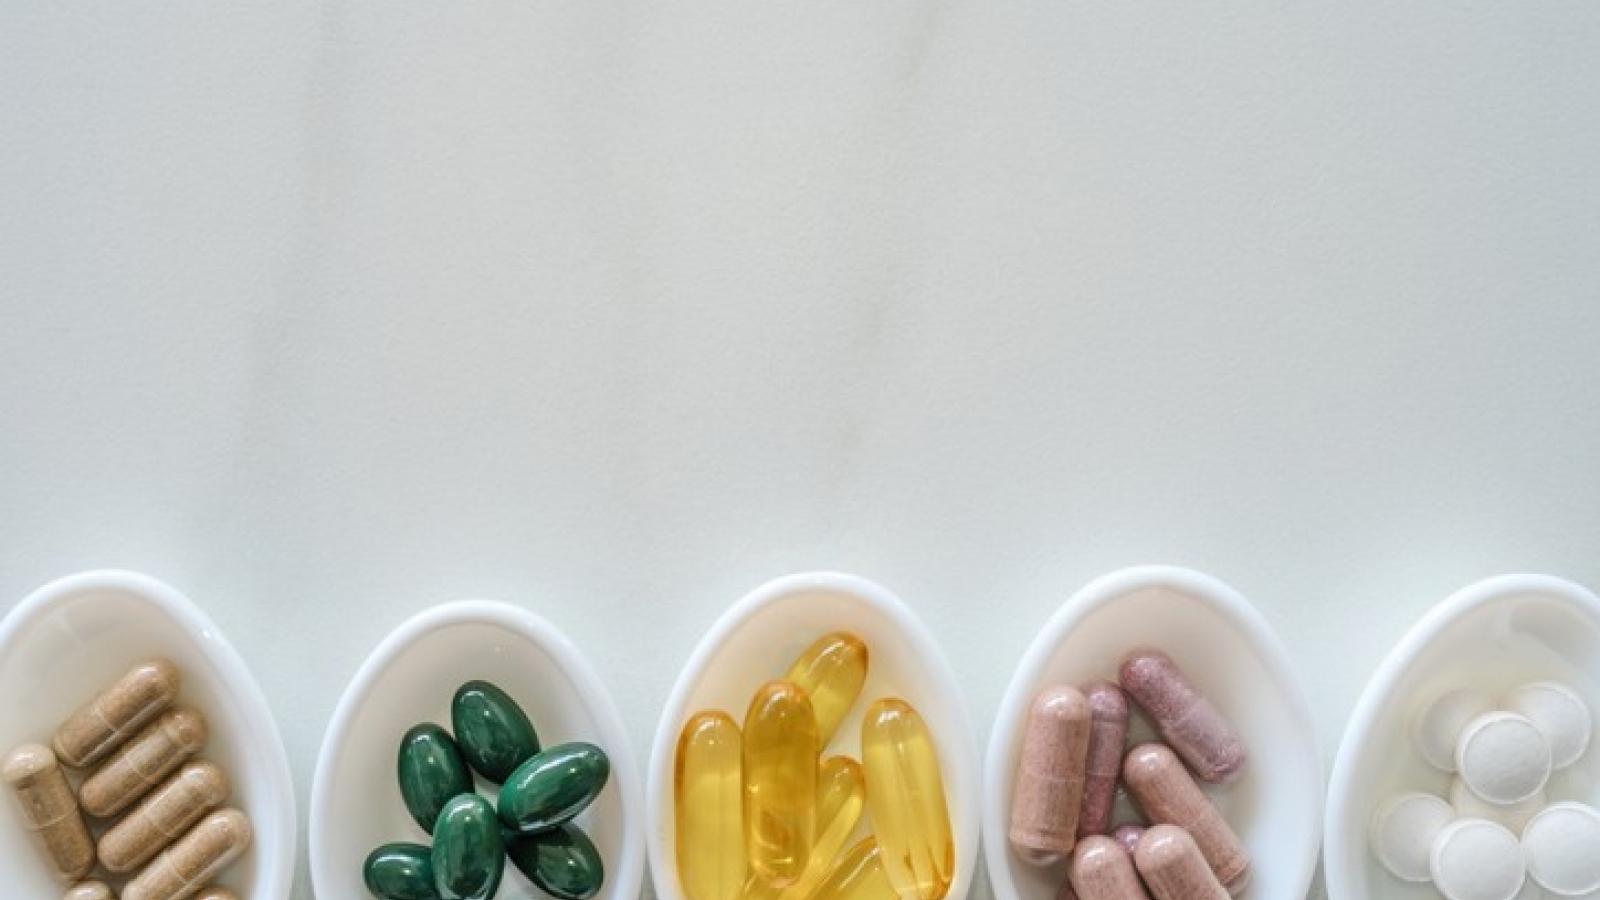 Bộ Y tế phát đi cảnh báo liên quan thực phẩm chức năng, thực phẩm bảo vệ sức khoẻ